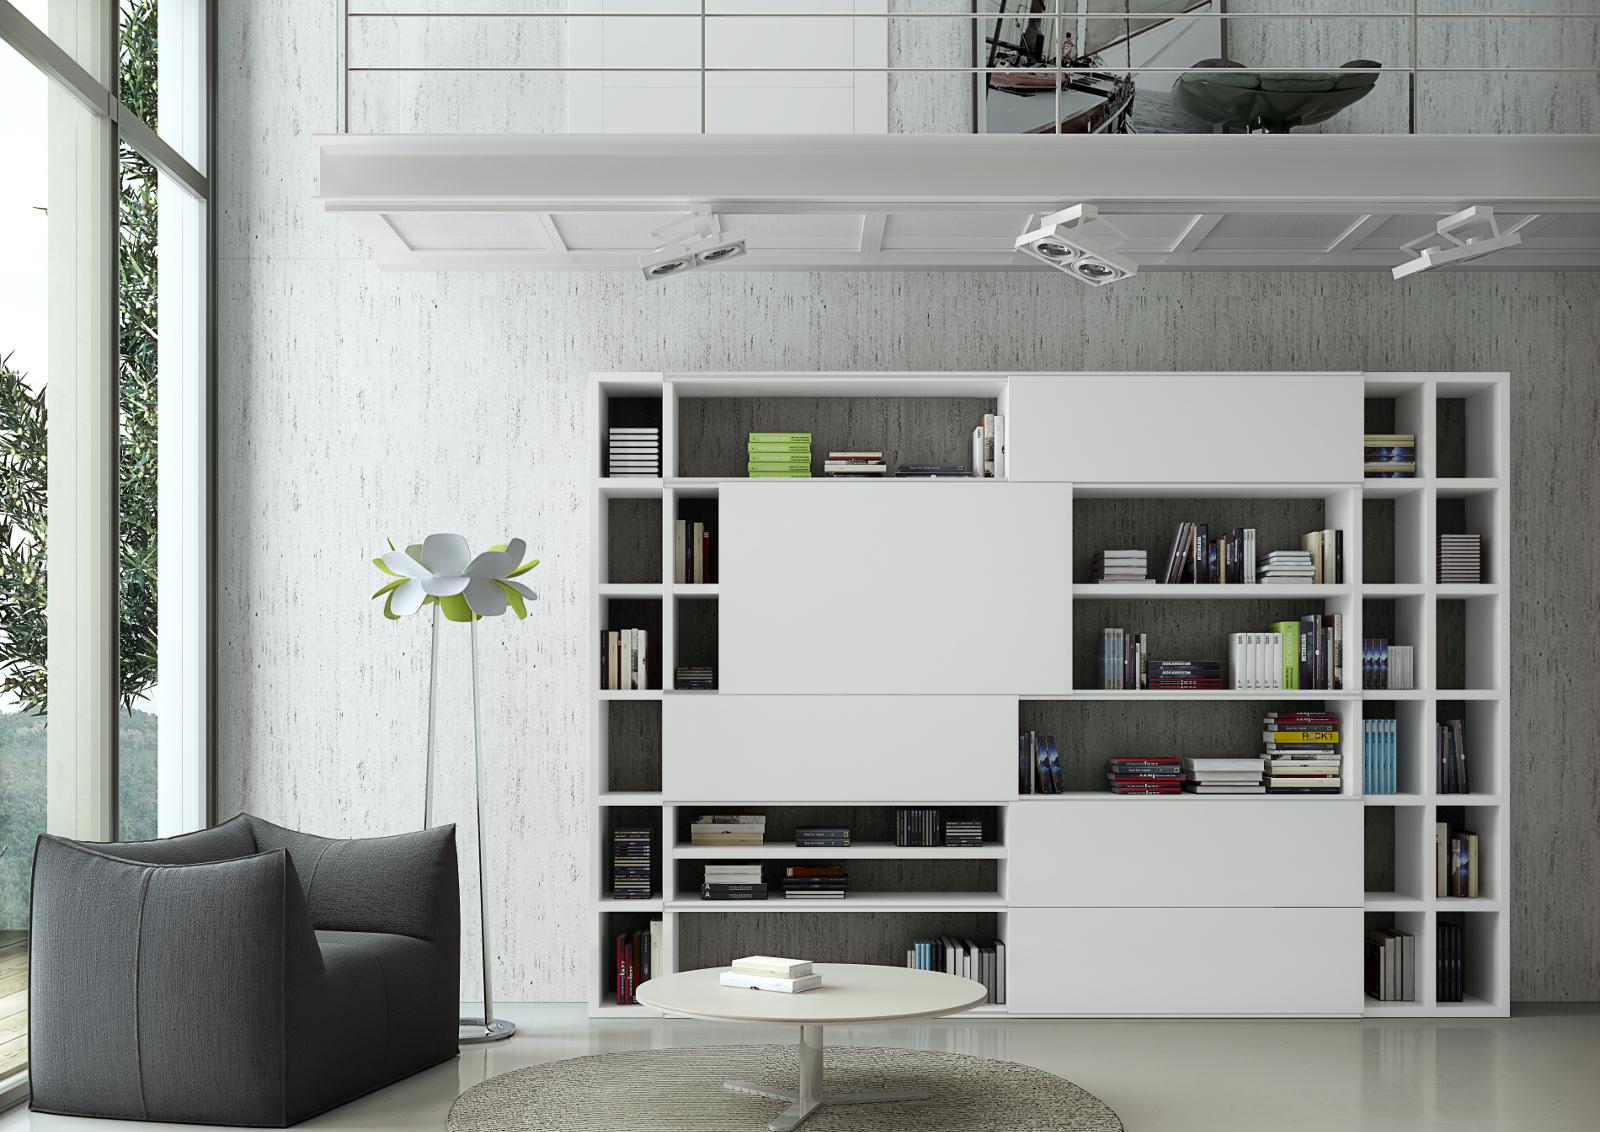 medienwand roller. Black Bedroom Furniture Sets. Home Design Ideas